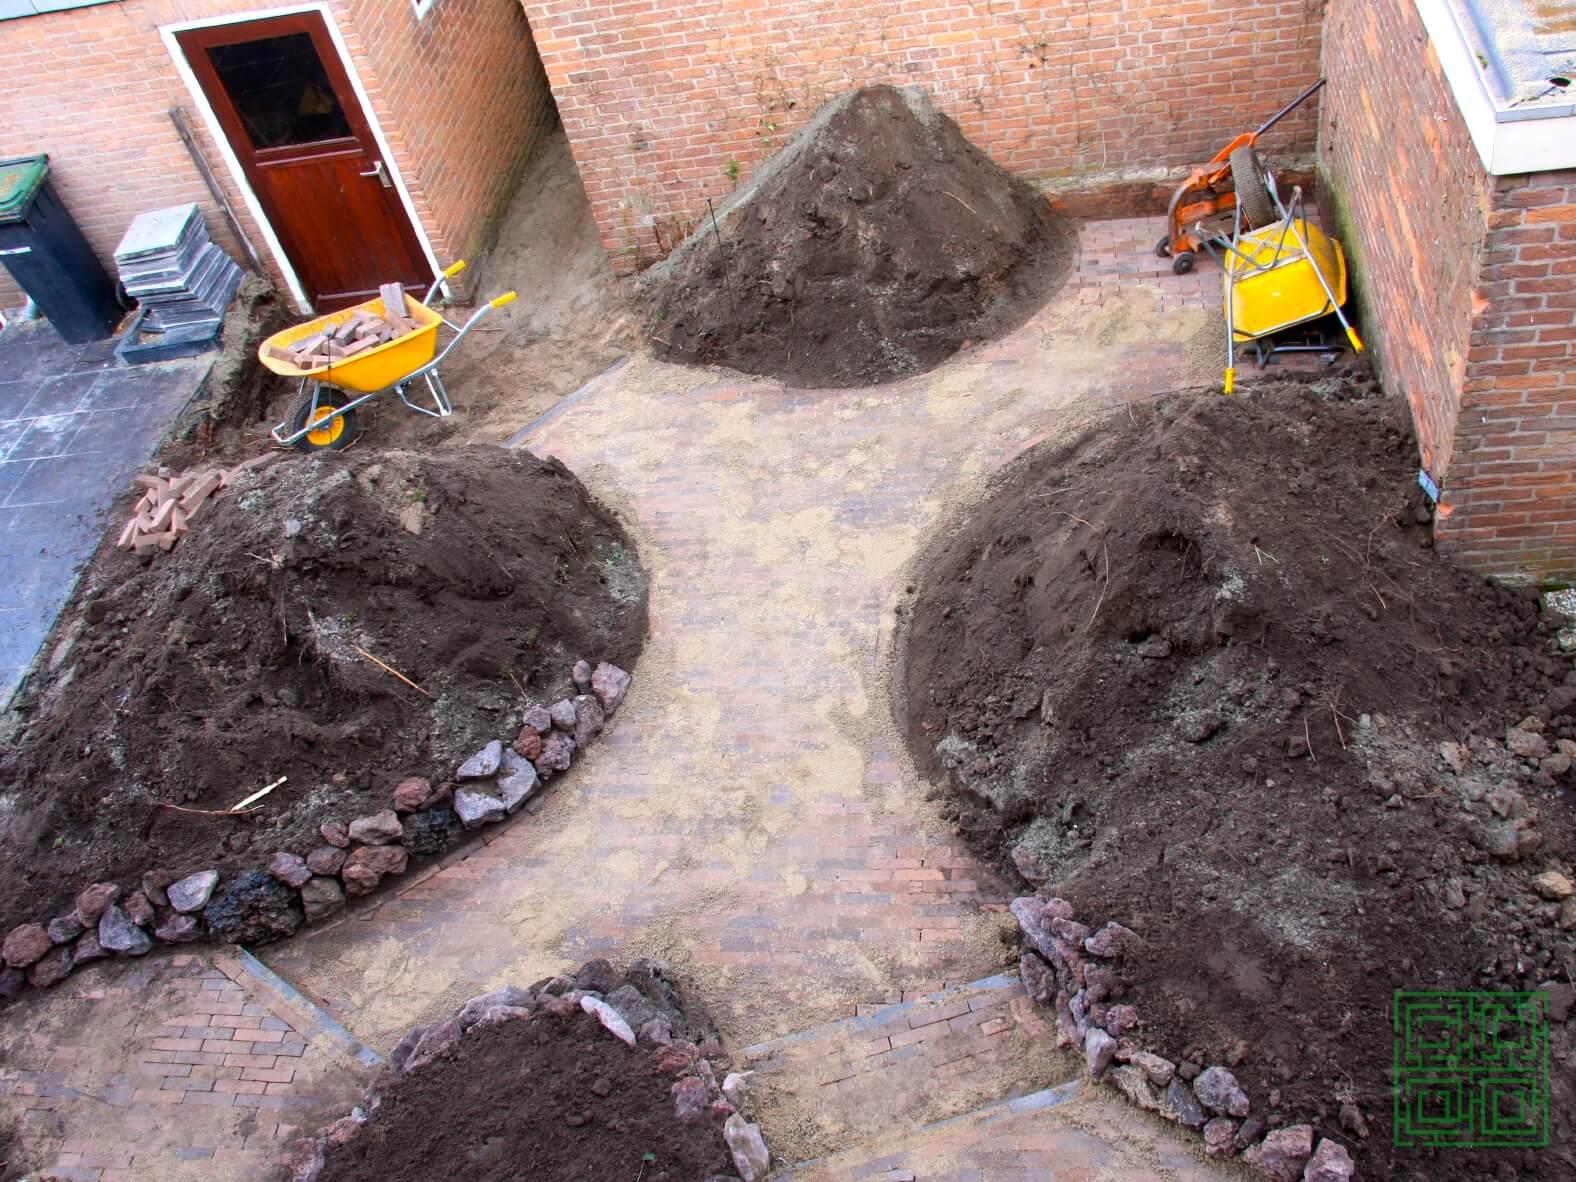 kleine romantische tuin